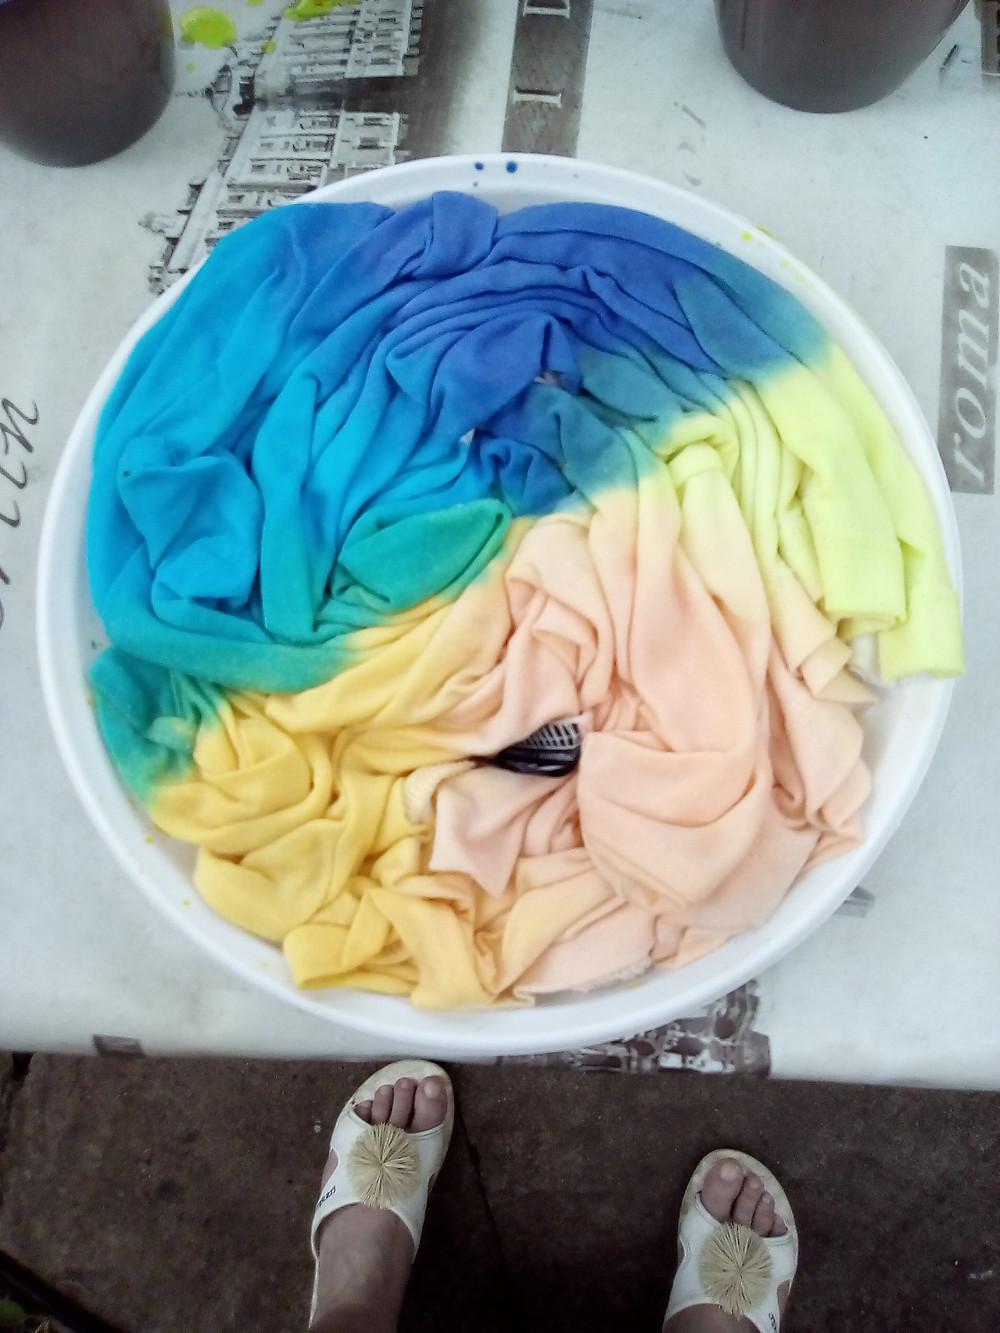 футболка, закрученная спиралью, окрашивается несколькими цветами,потом сохнет.